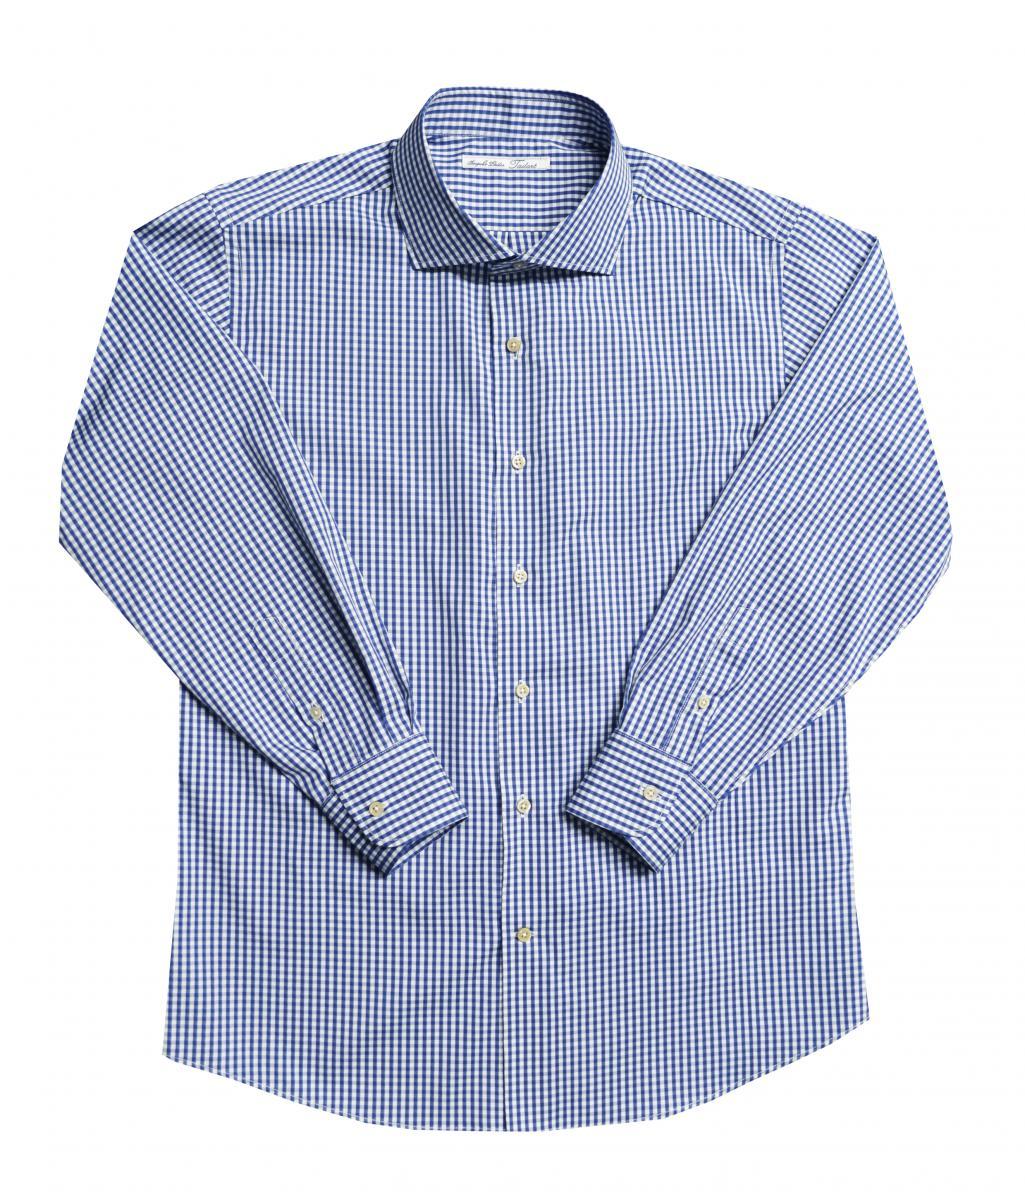 [オーダーシャツ]爽やかな印象のネイビーチェックで好感度アップ!